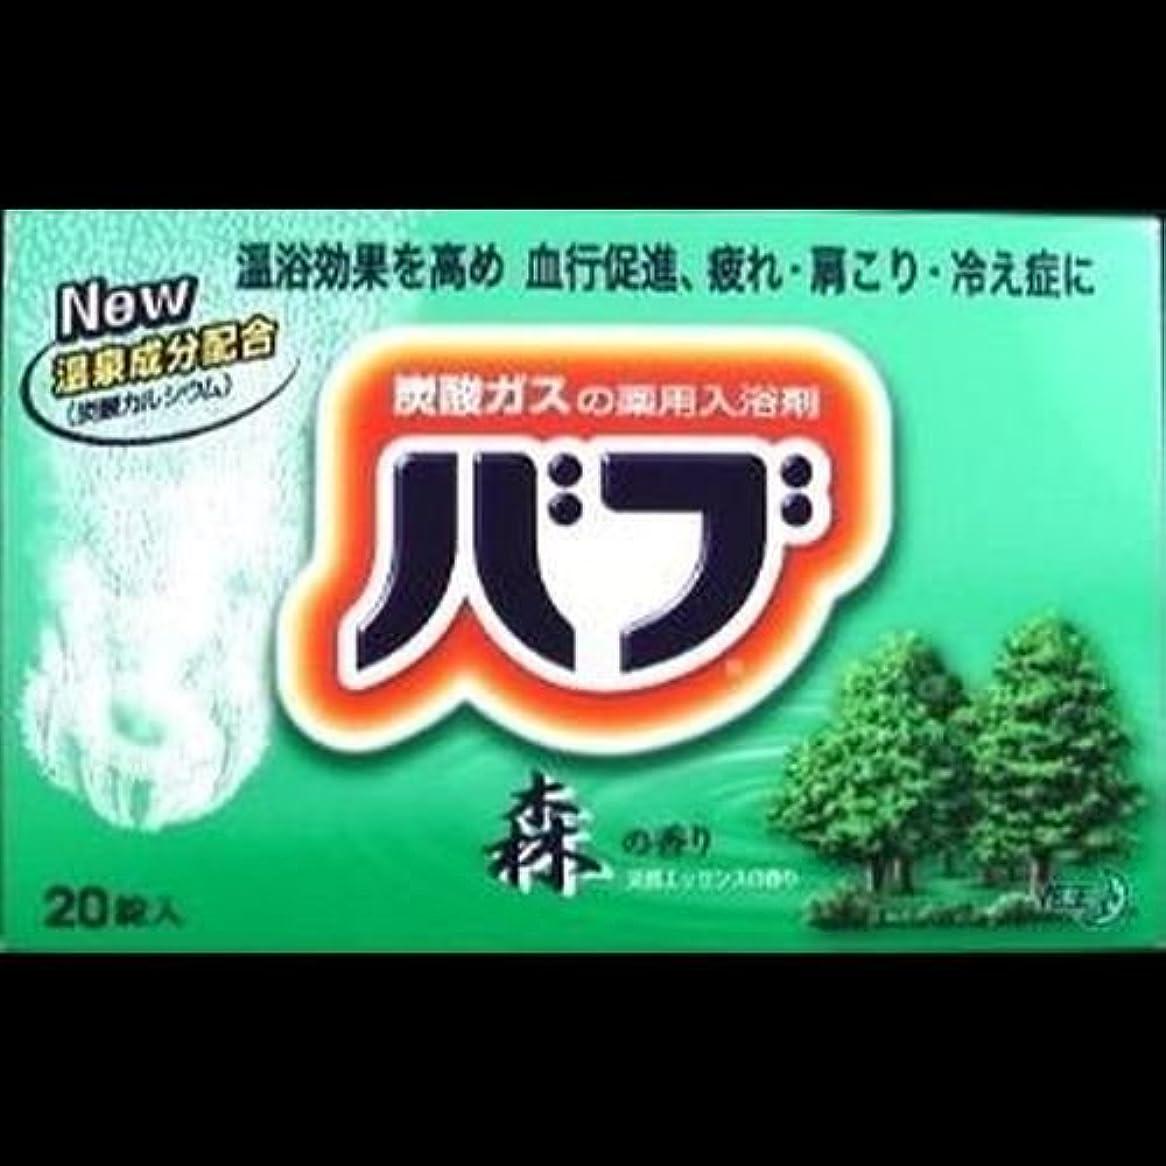 シーサイド退院良さ【まとめ買い】花王 バブ 森の香り 20錠 (医薬部外品) ×2セット